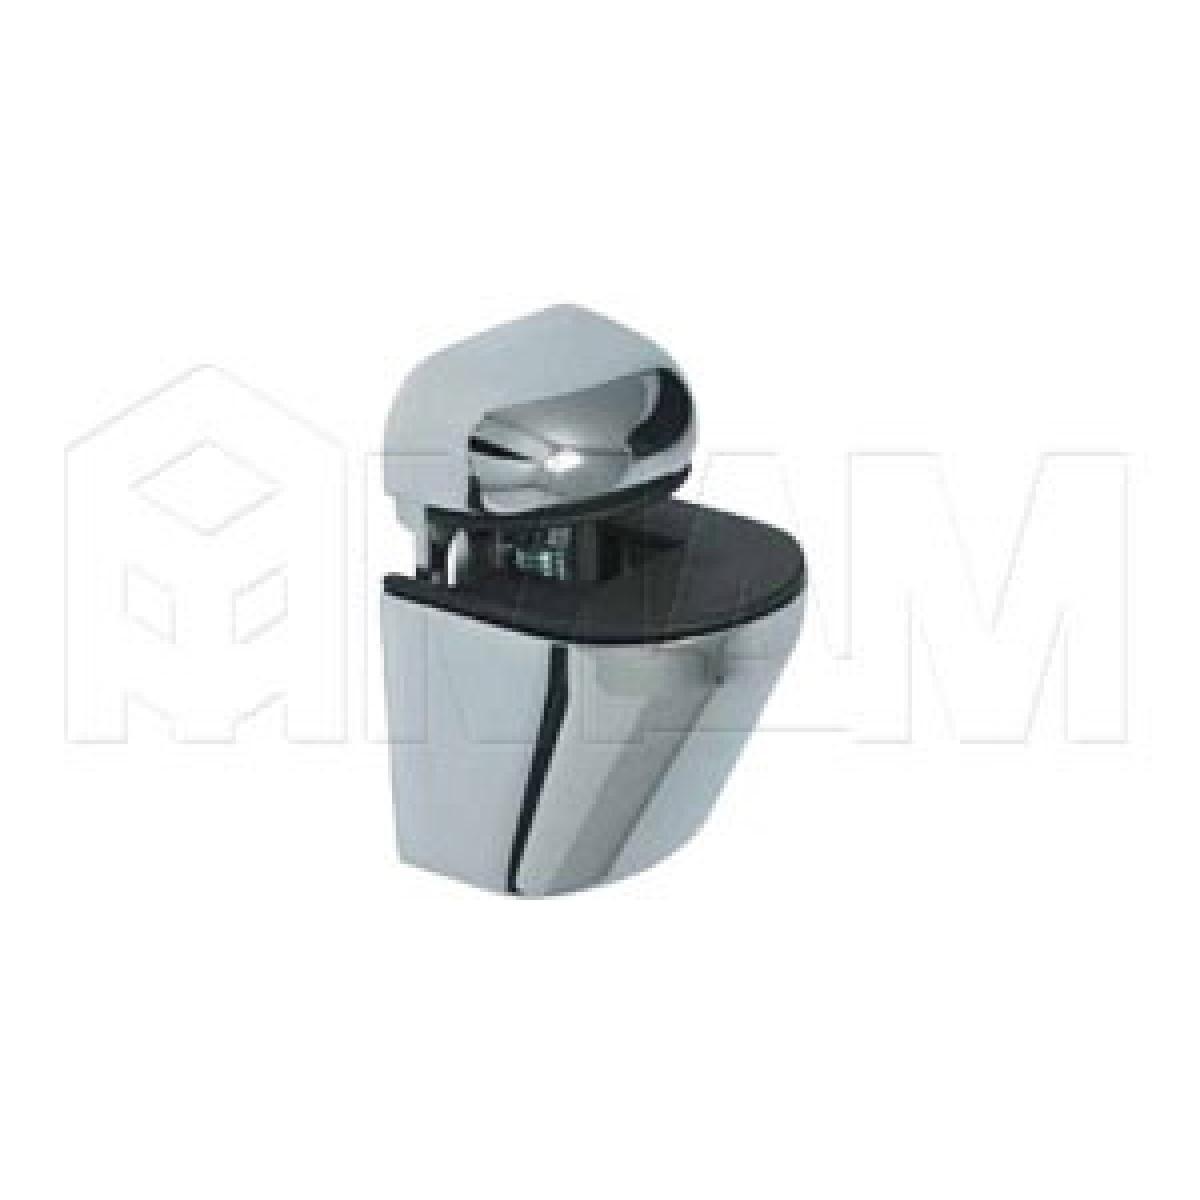 ПЕЛИКАН Менсолодержатель для деревянных и стеклянных полок 4 - 22 мм, хром